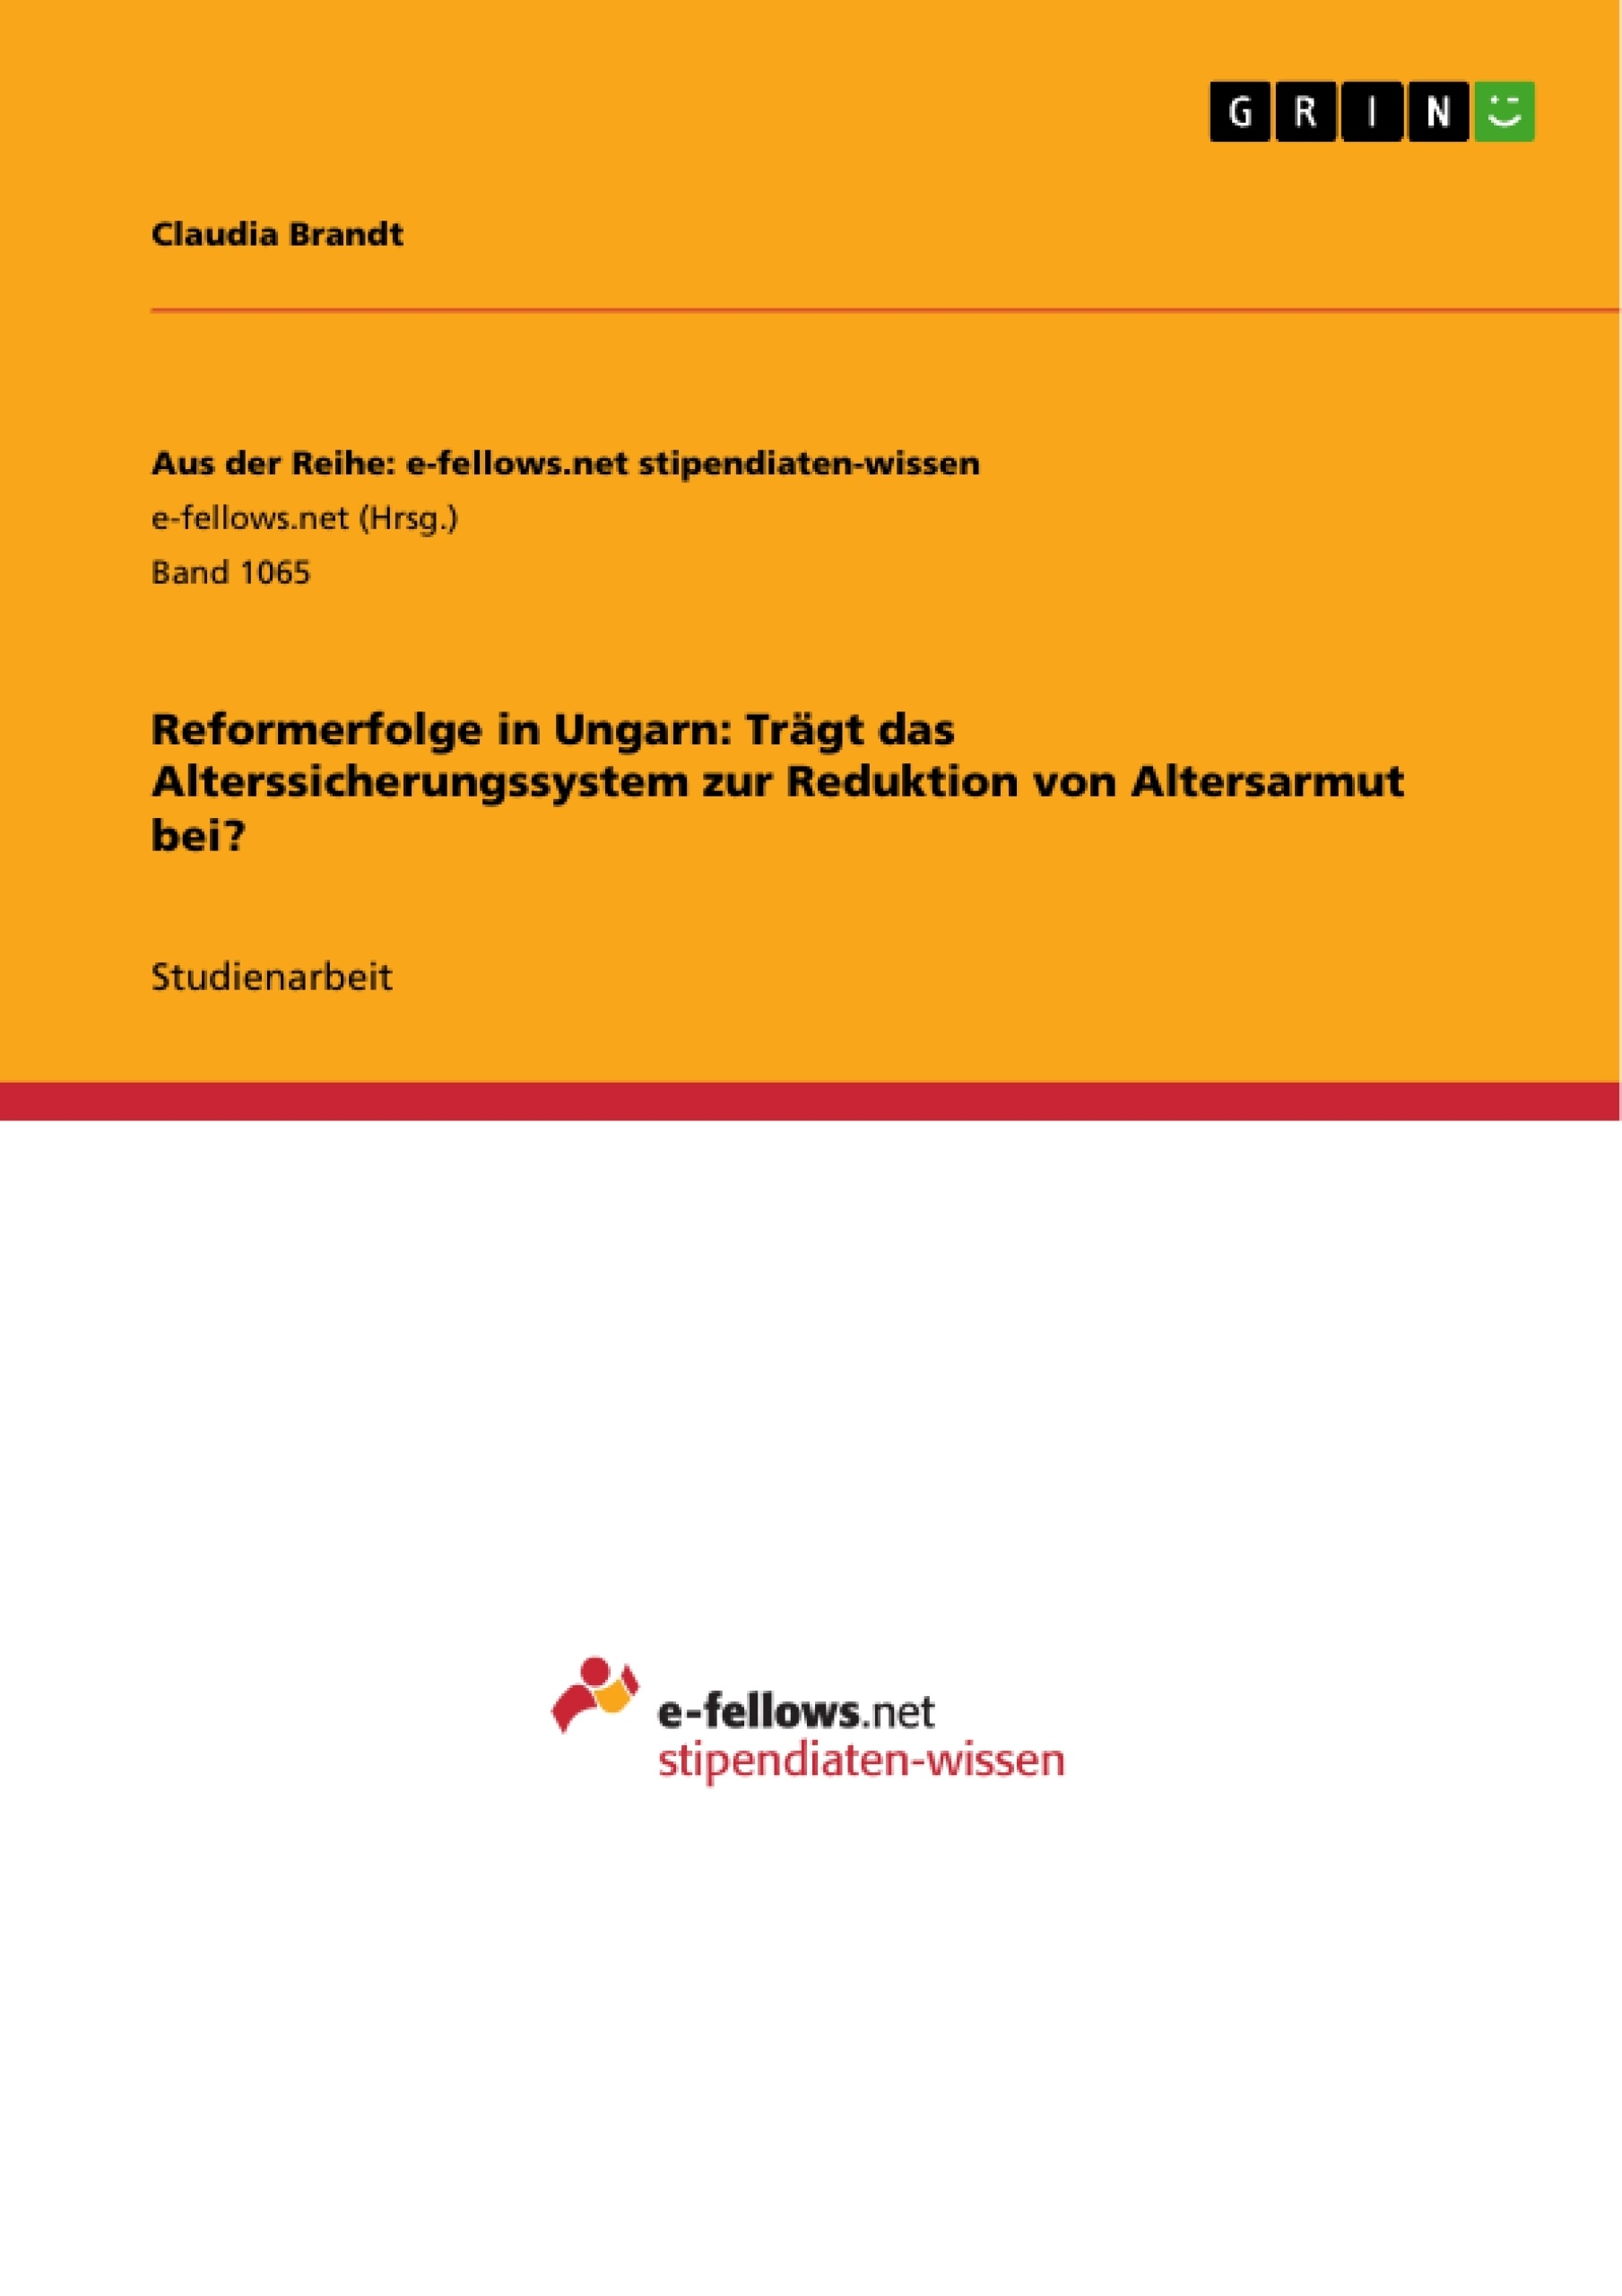 Titel: Reformerfolge in Ungarn: Trägt das Alterssicherungssystem zur Reduktion von Altersarmut bei?